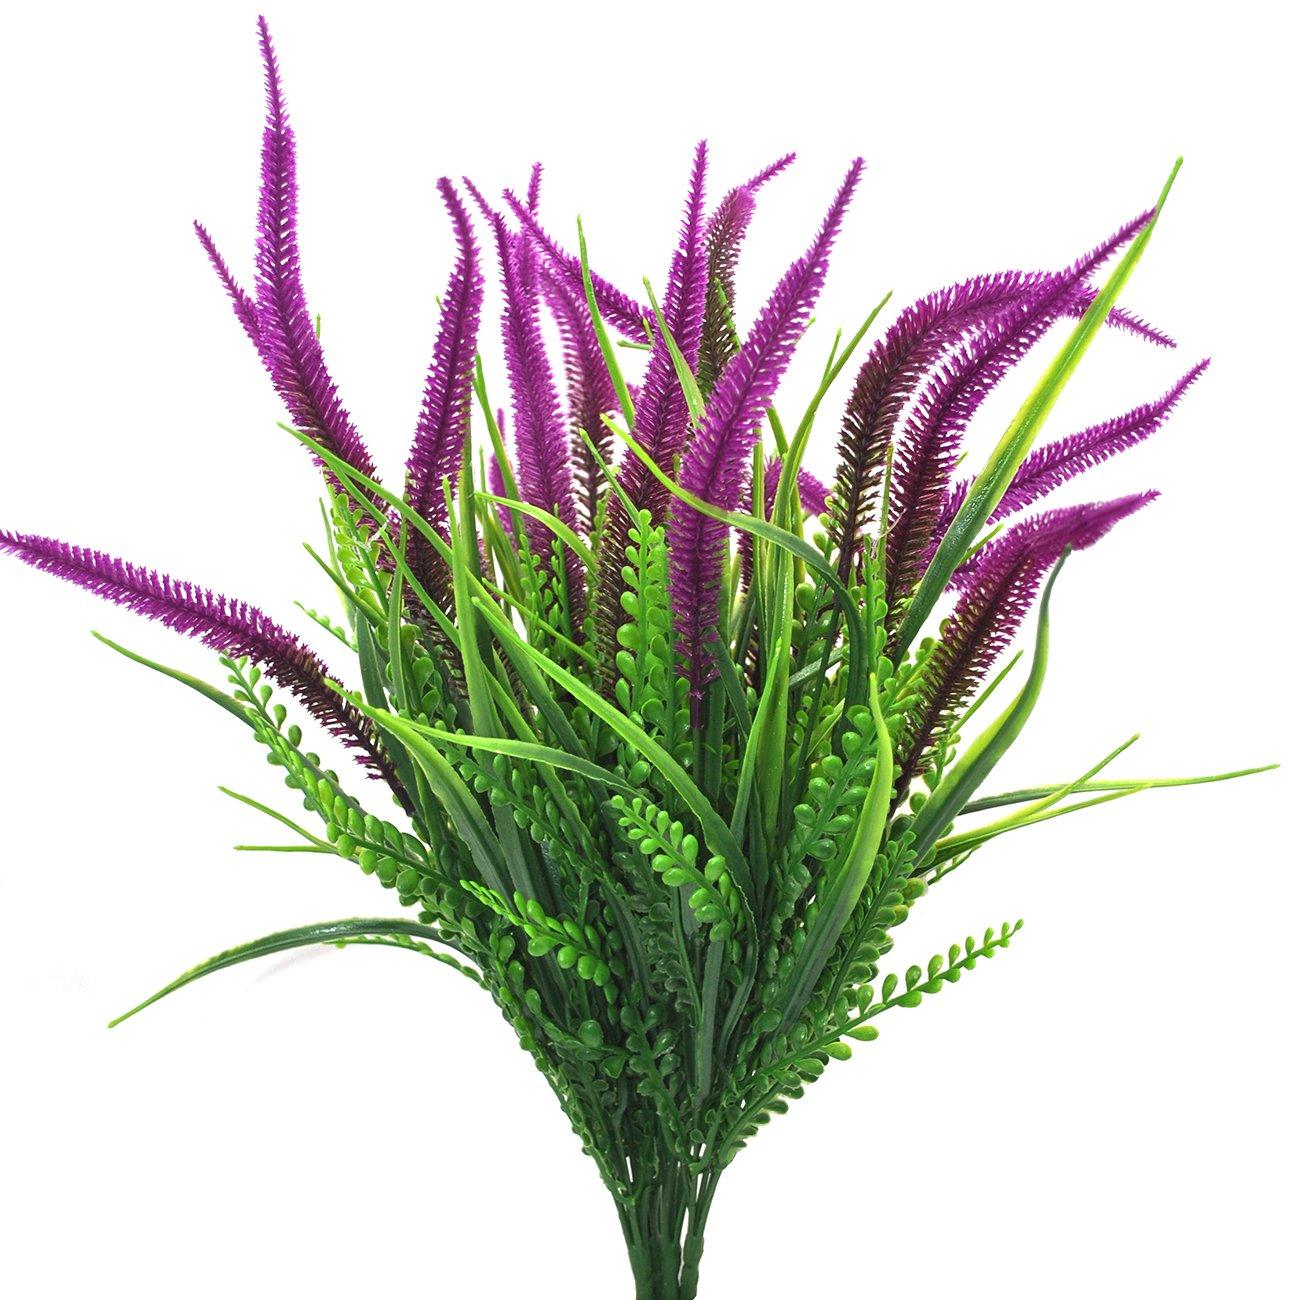 Artificial Flowers 4pcs Faux Plastic Plants Shrubs Simulation Greenery for Wedding Garden Farmhouse outdoor d/écor Purple